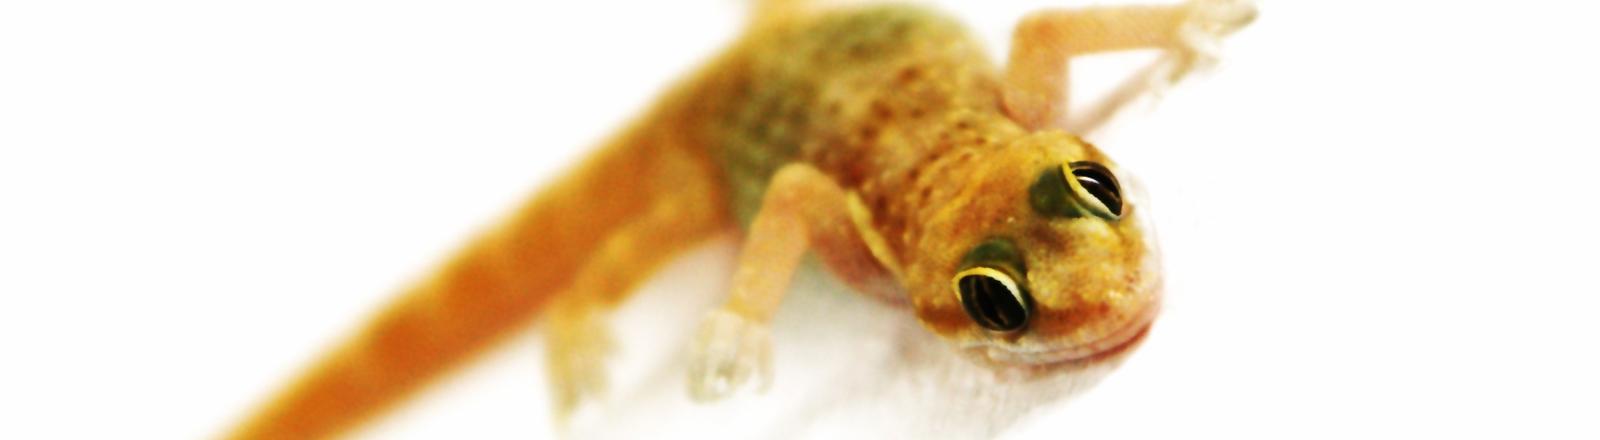 Ein Gecko in Lauerstellung